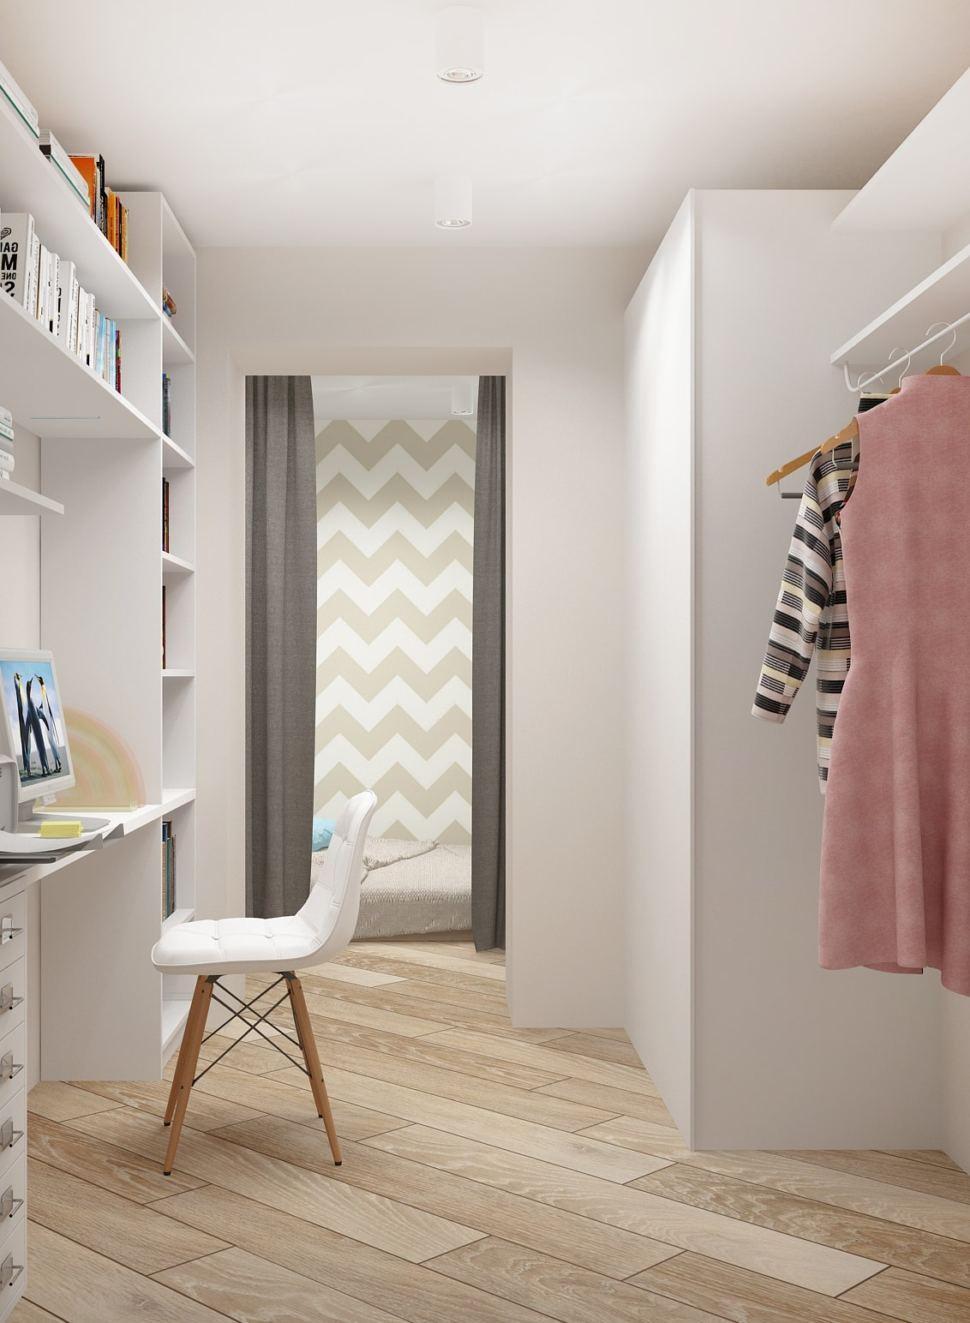 Интерьер кабинета 5 кв.м в светлых тонах, шкаф, открытая вешалка, стул, рабочее место, полки, пвх плитка, штора